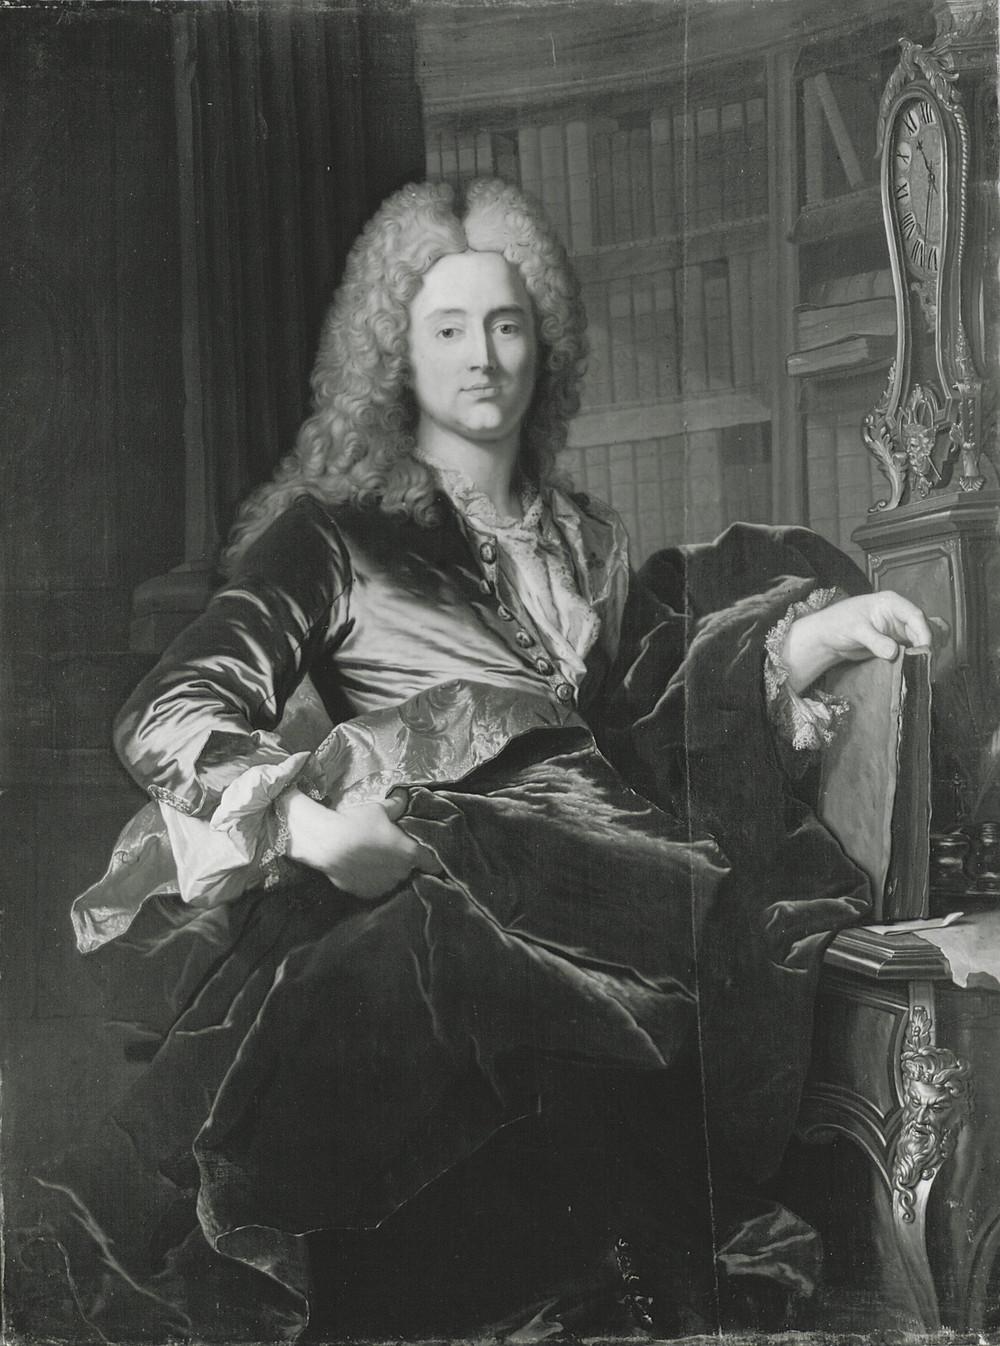 Hyacinthe Rigaud, Portrait de Peder Benzon Mylius, 1721, Copenhague, Statens Museum for Kunst, inv. KMS 4003